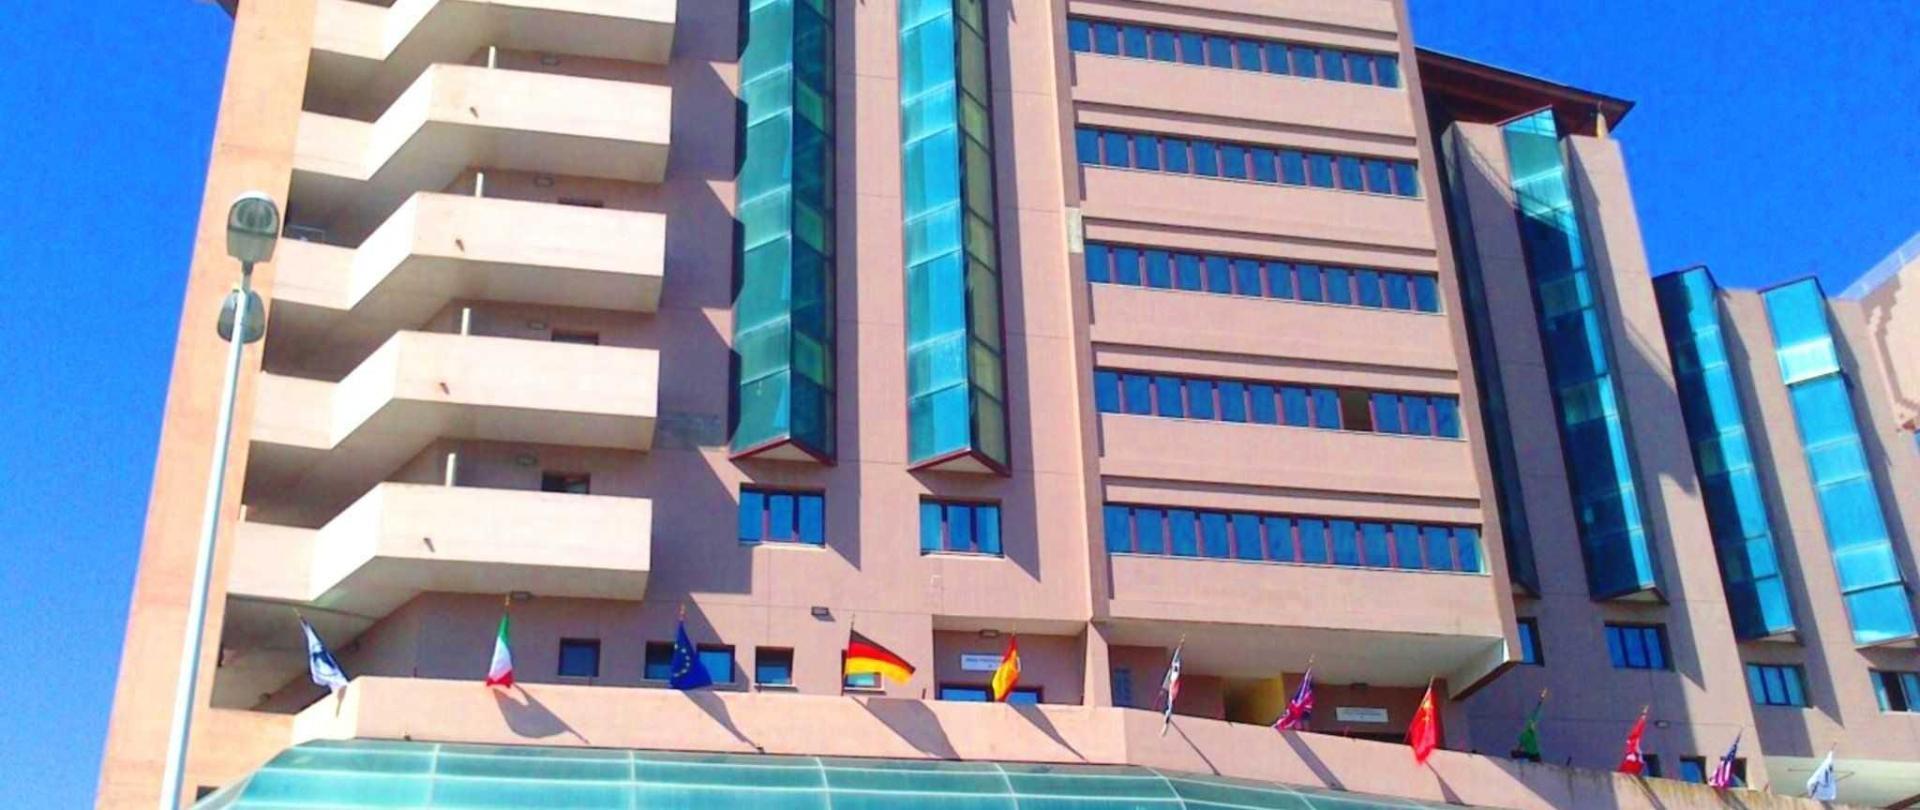 facciata hotel.jpg